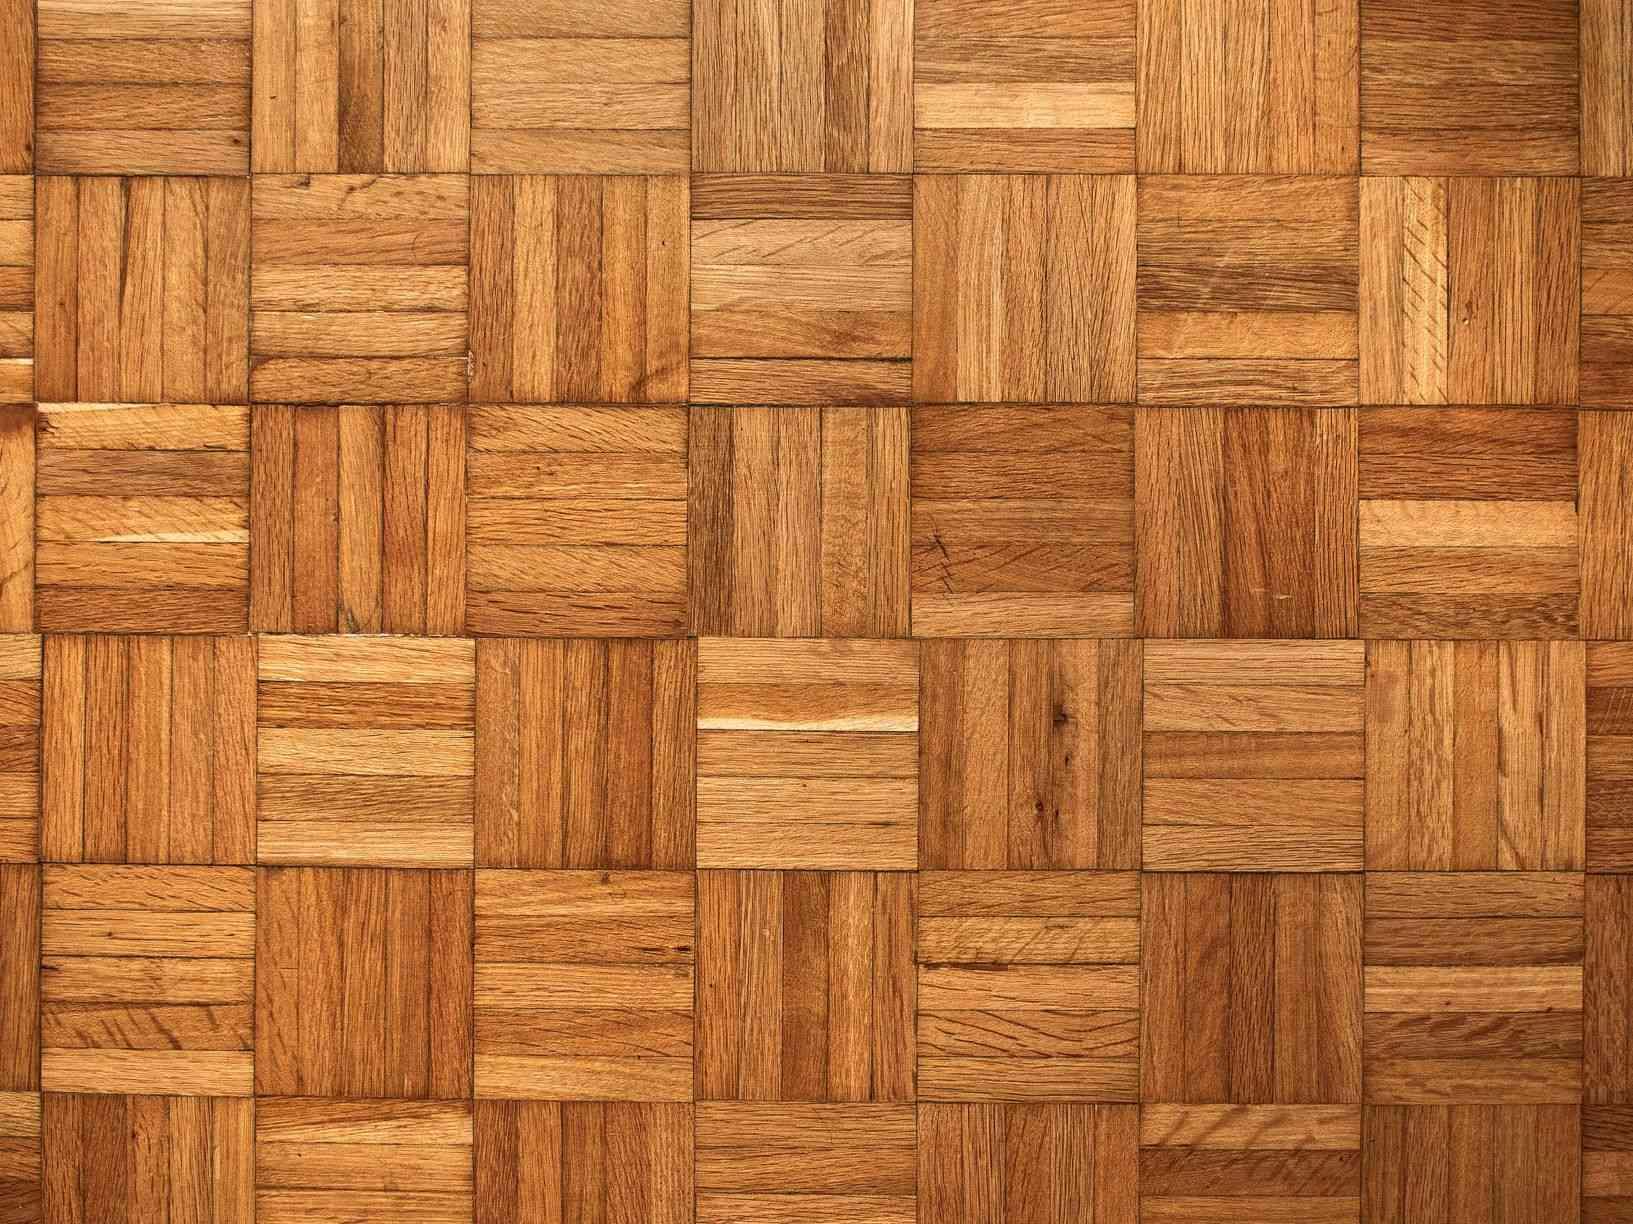 Pisos de madeira - Freepik